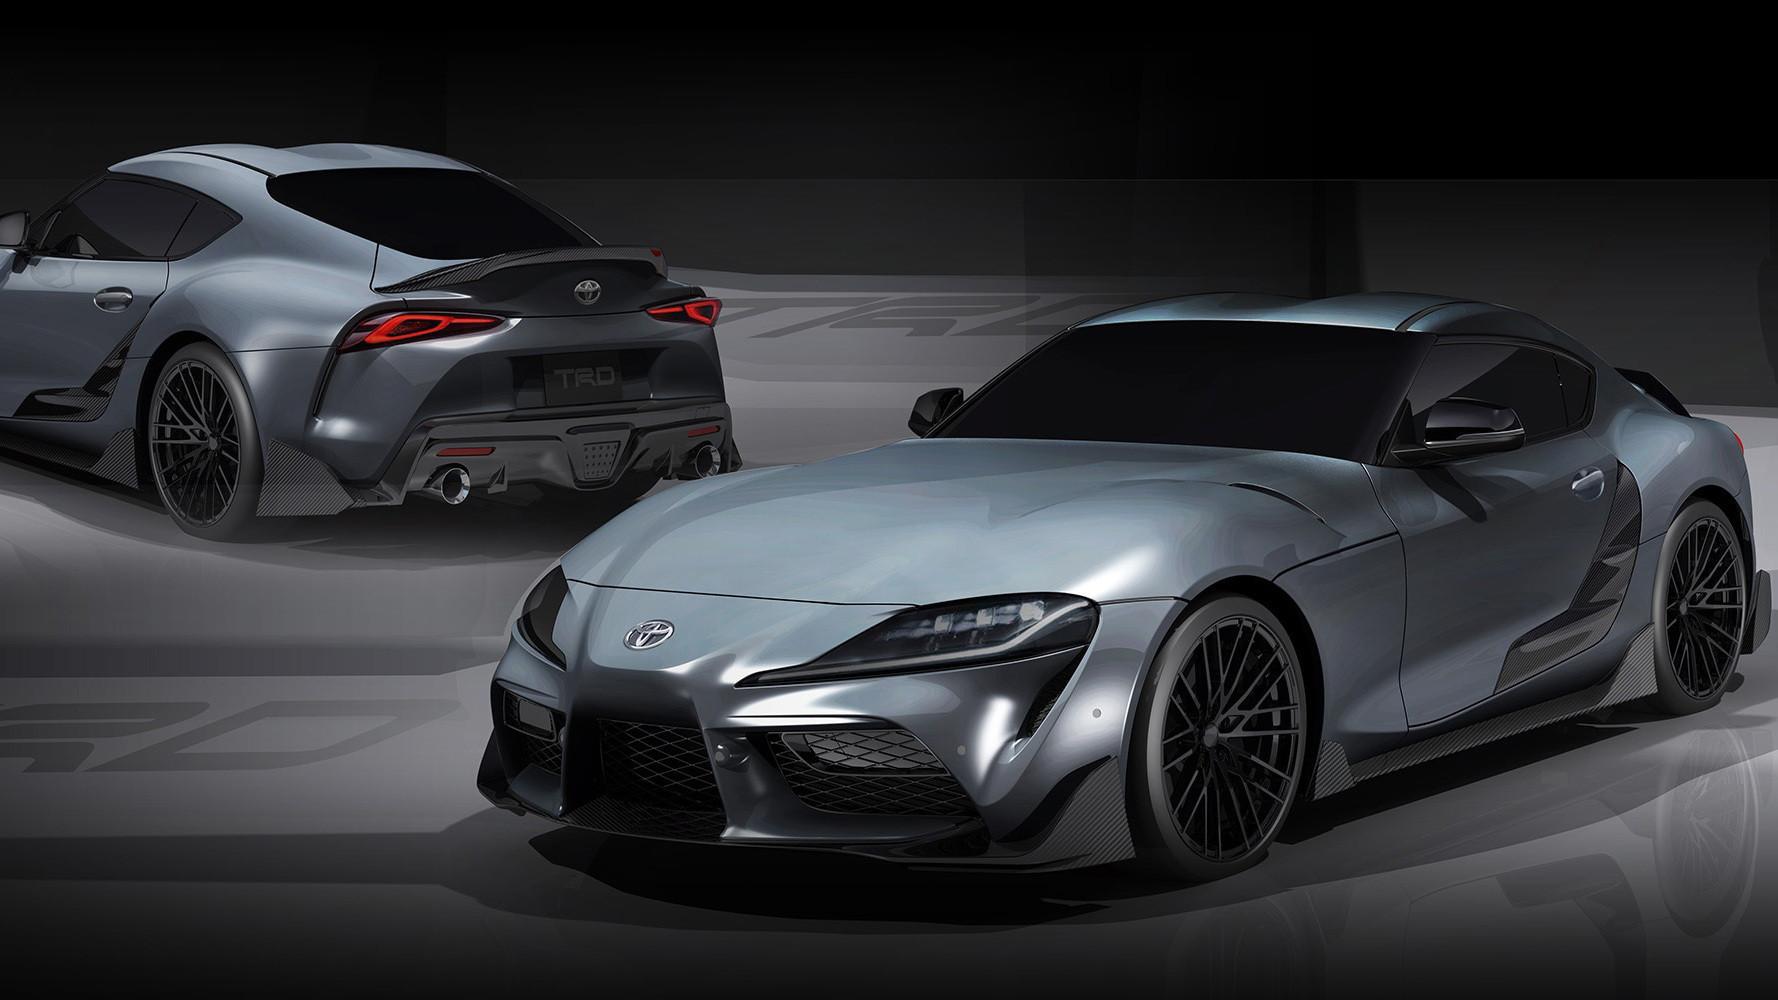 Foto de Toyota Supra TRD Line Concept (9/9)